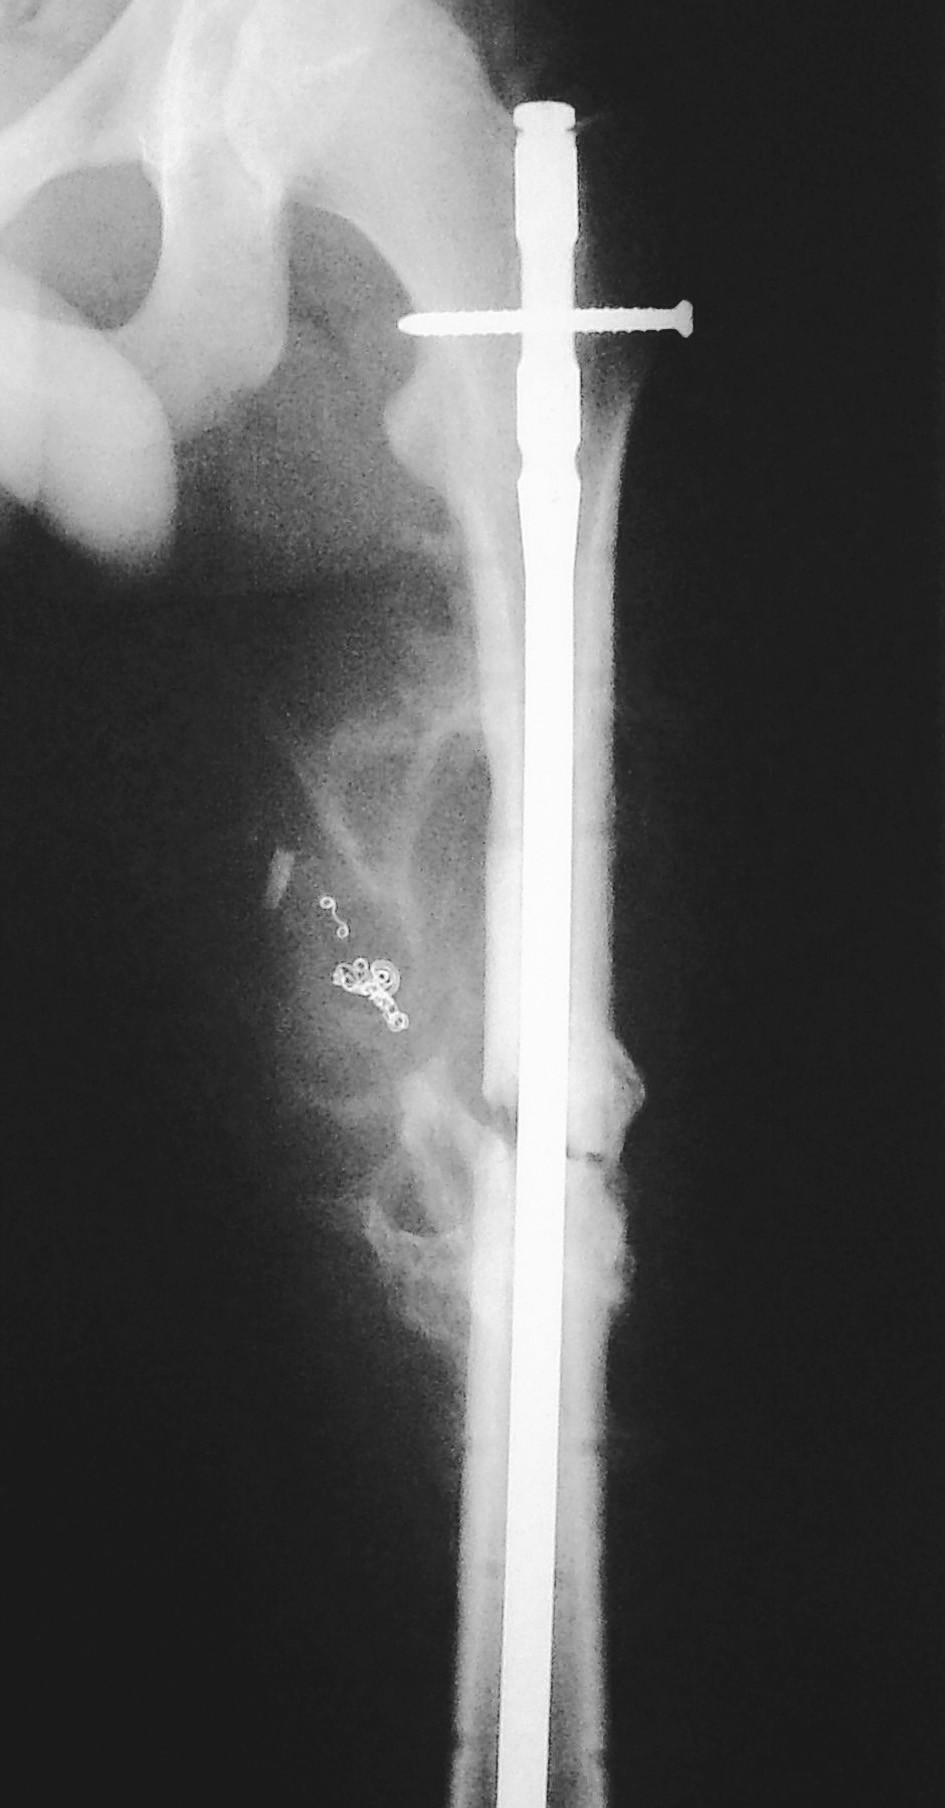 RTG obraz stavu po konverzi zevní fixace na nitrodřeňový hřeb, st.p. angiografickém řešení pseudoaneuryzmatu spirálami Vortex Pic. 6. X-ray view of the condition following conversion of external fixation to intramedullary nailing, st.p.angiographic management of the pseudoaneurysm using Vortex spirals